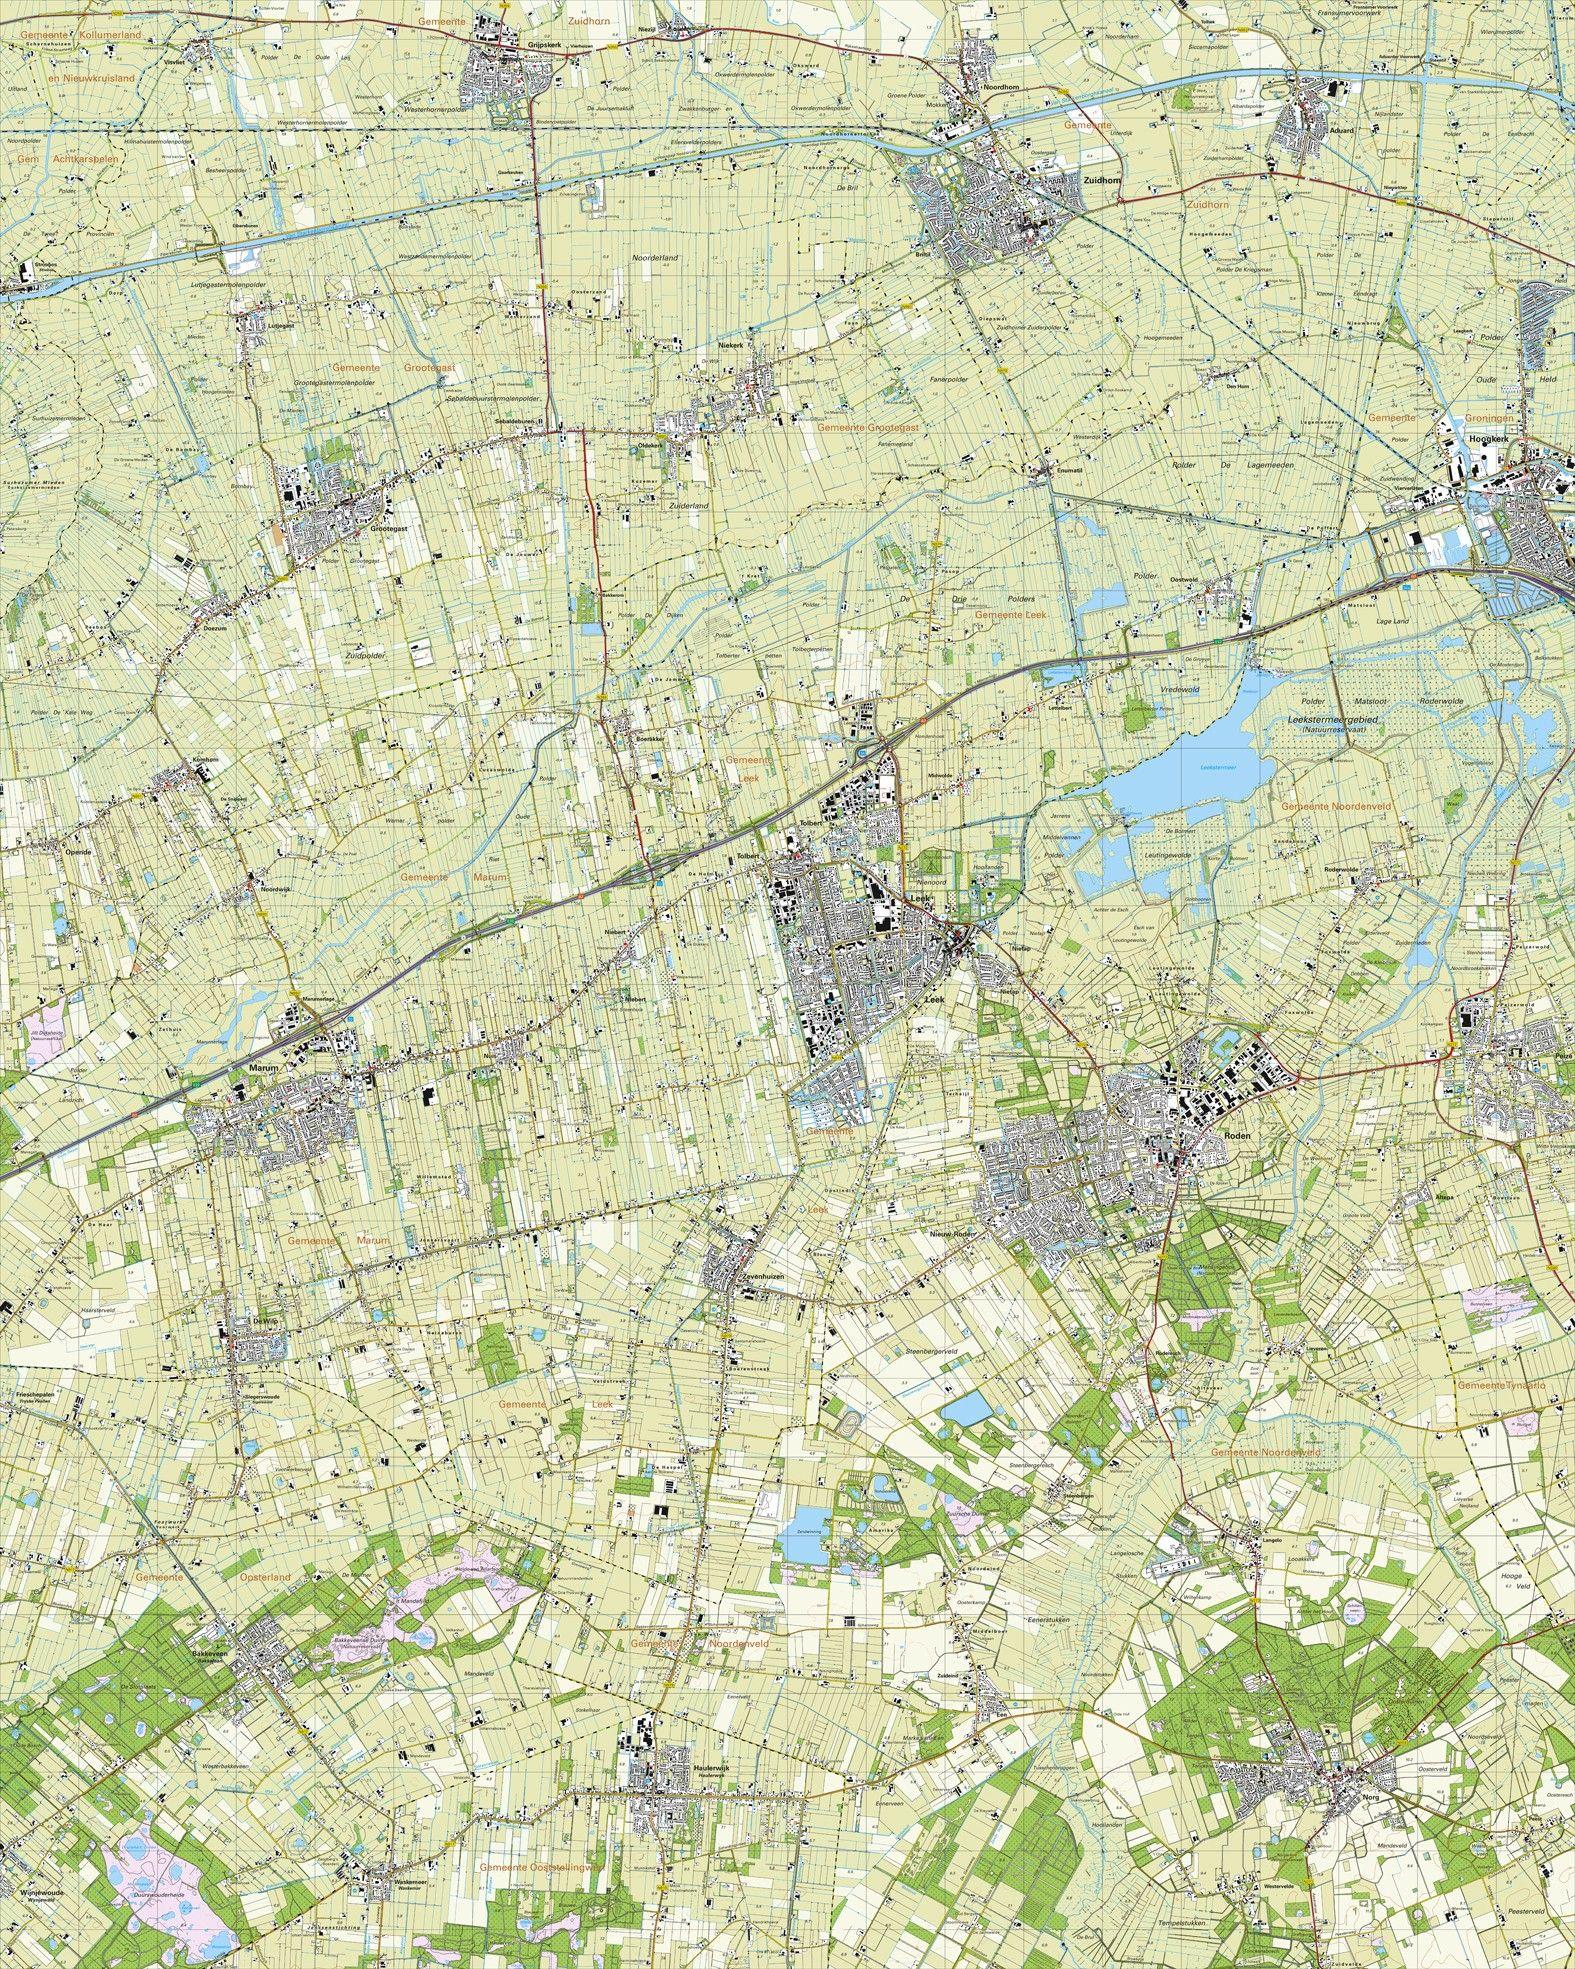 Topografische kaart schaal 1:25.000 (Zuidhorn,Leek,Grijpskerk,Roden,Norg,Marum)